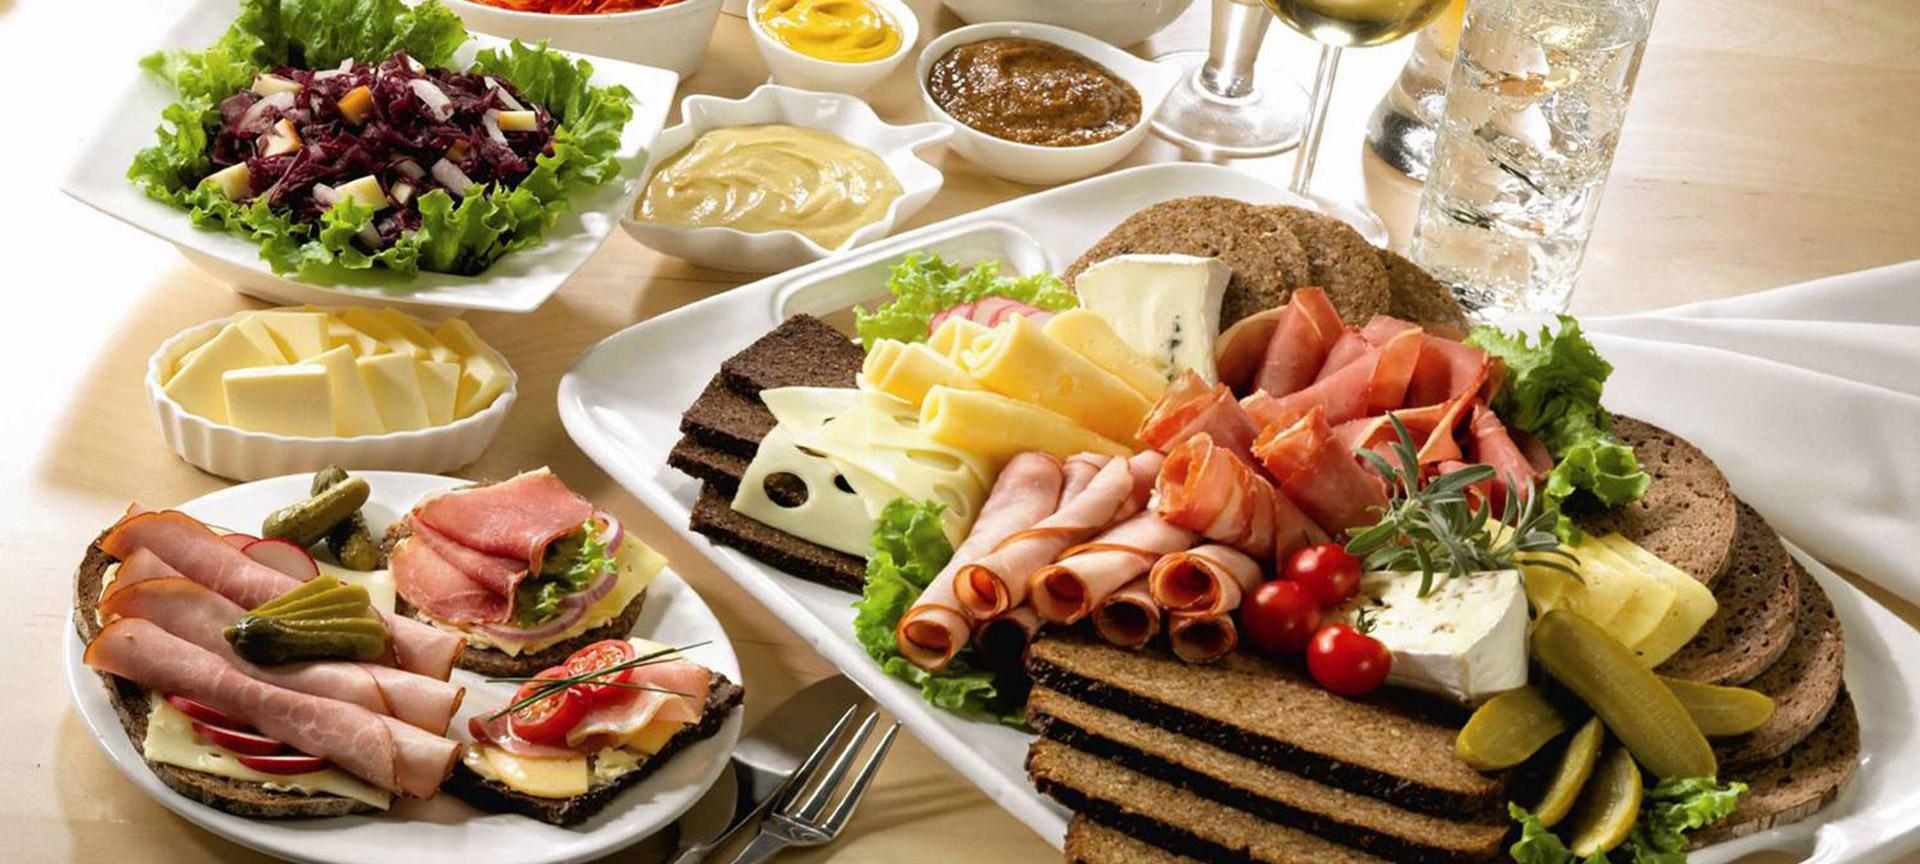 Neu - Frühstücksbuffet & Catering Sercice